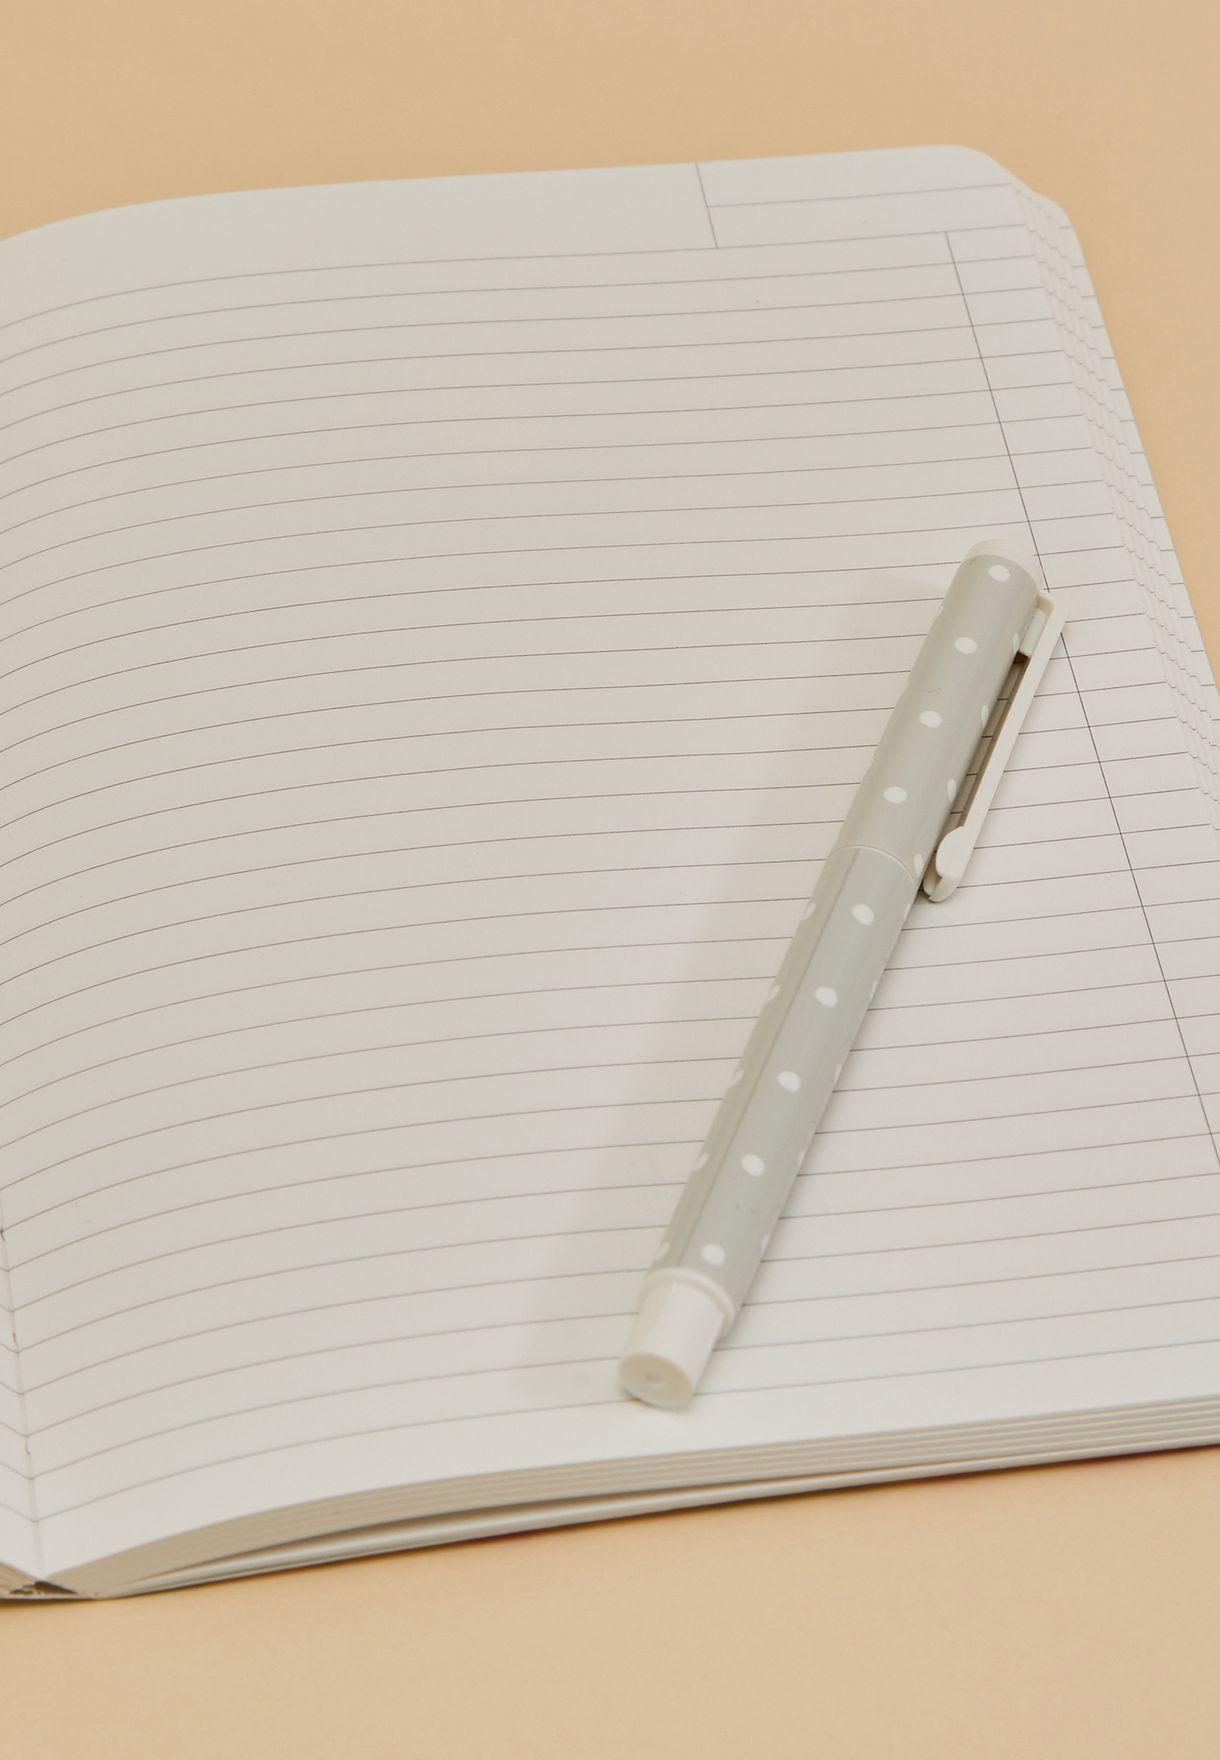 دفتر ملاحظات A5 مزين بطباعة ازهار